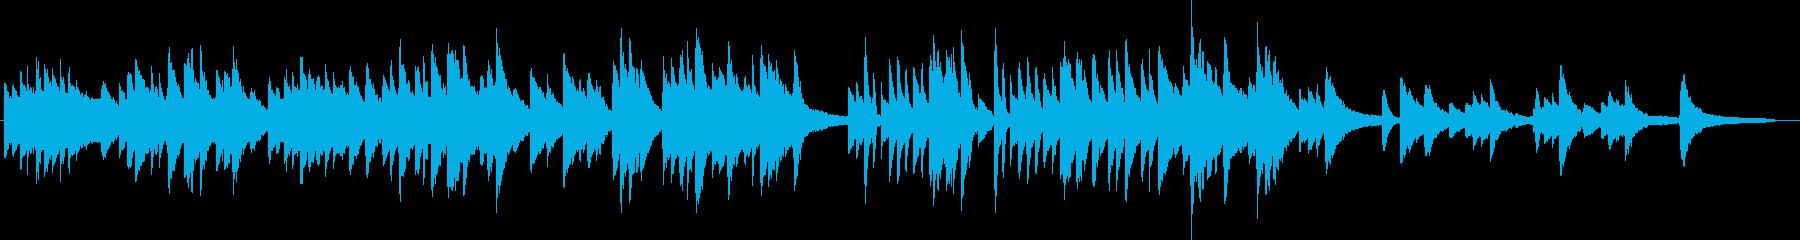 ピアノ生演奏/和風・故郷・お茶・夕暮れの再生済みの波形